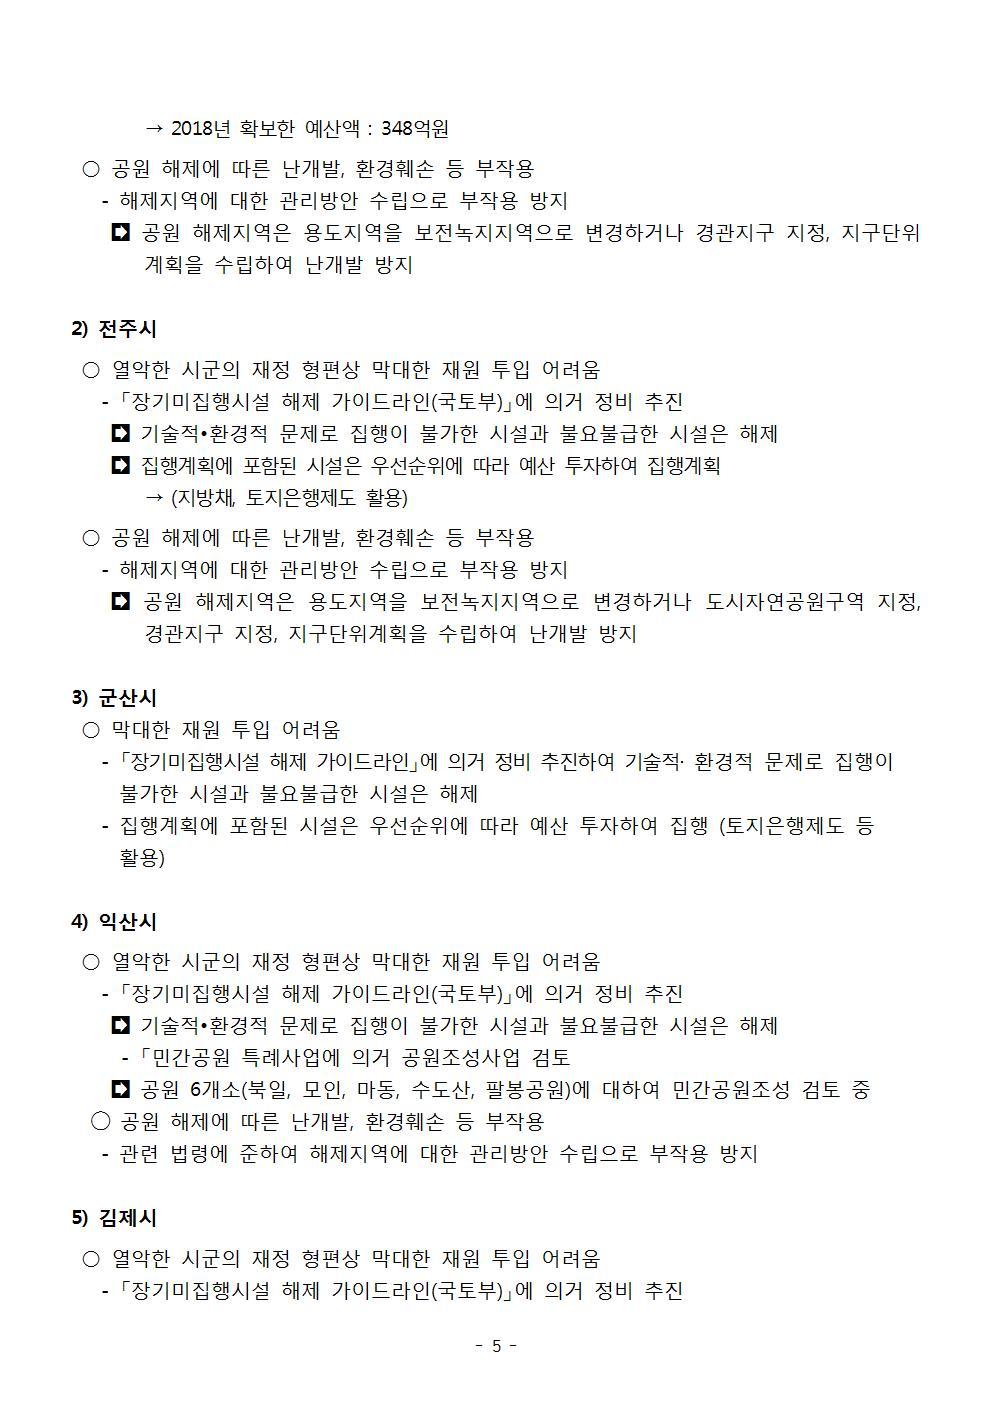 20180210-전북의 도시공원  현황_2차 자료 정리005.jpg